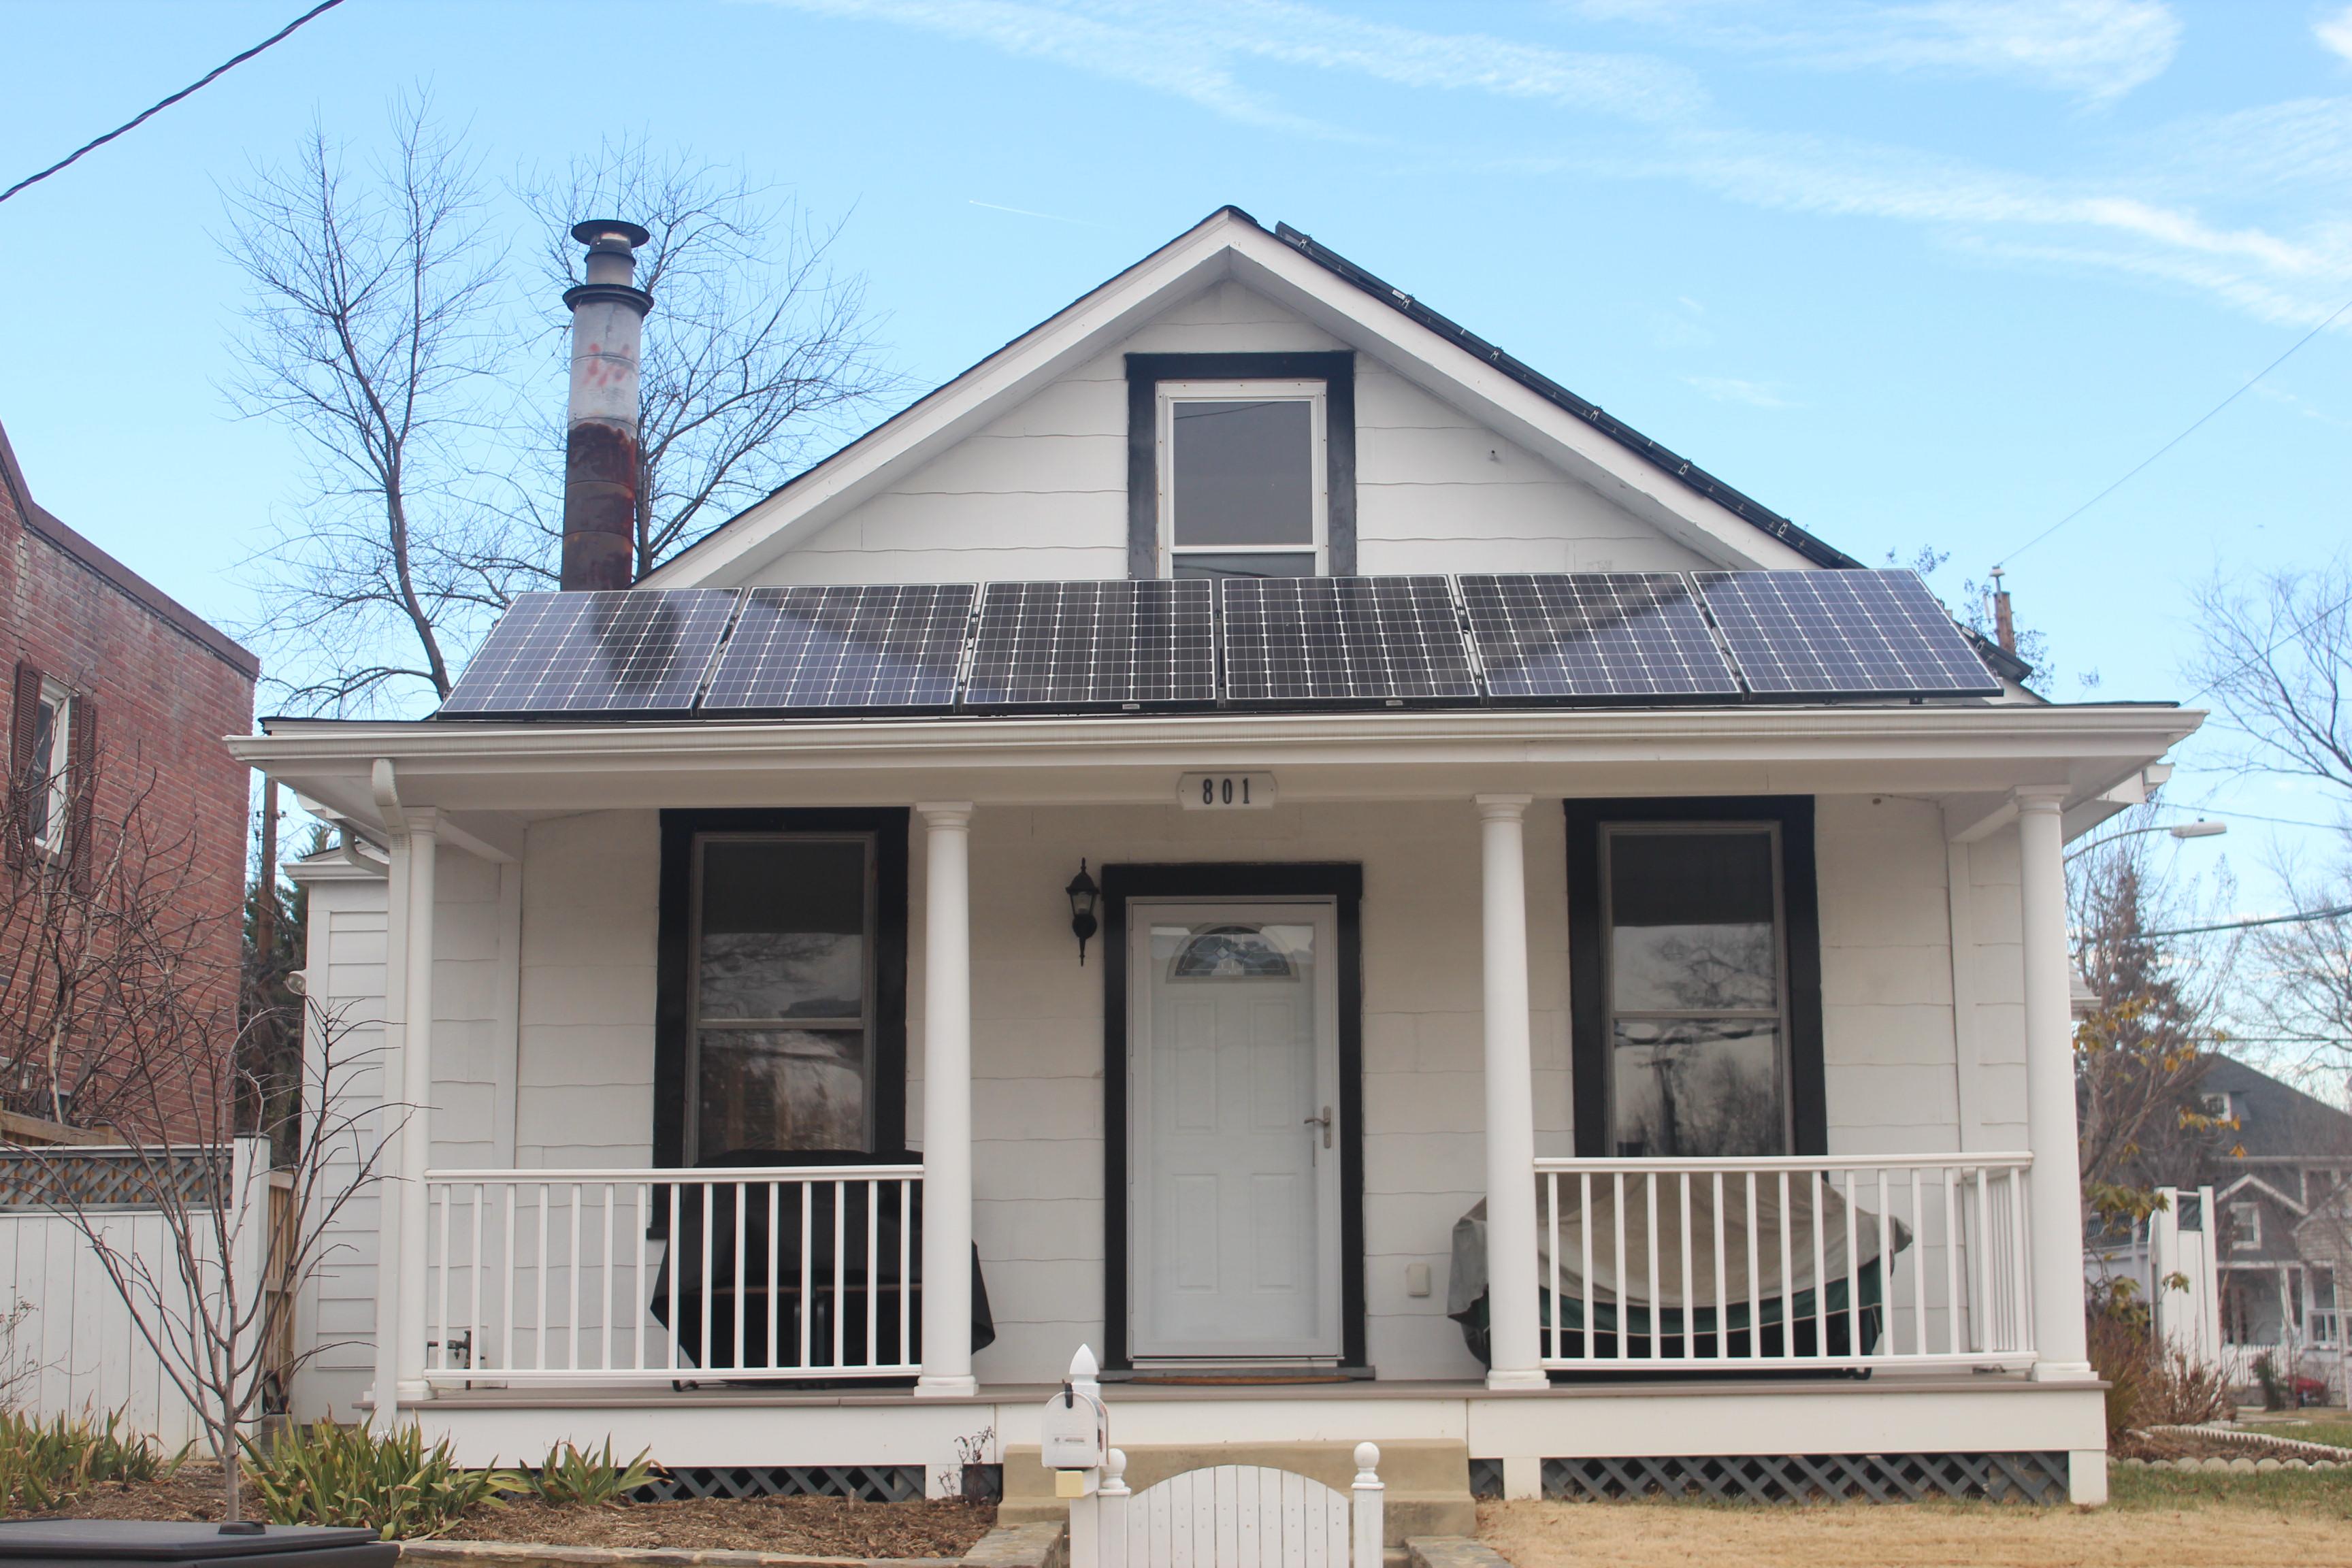 Installation of solar panels in VA